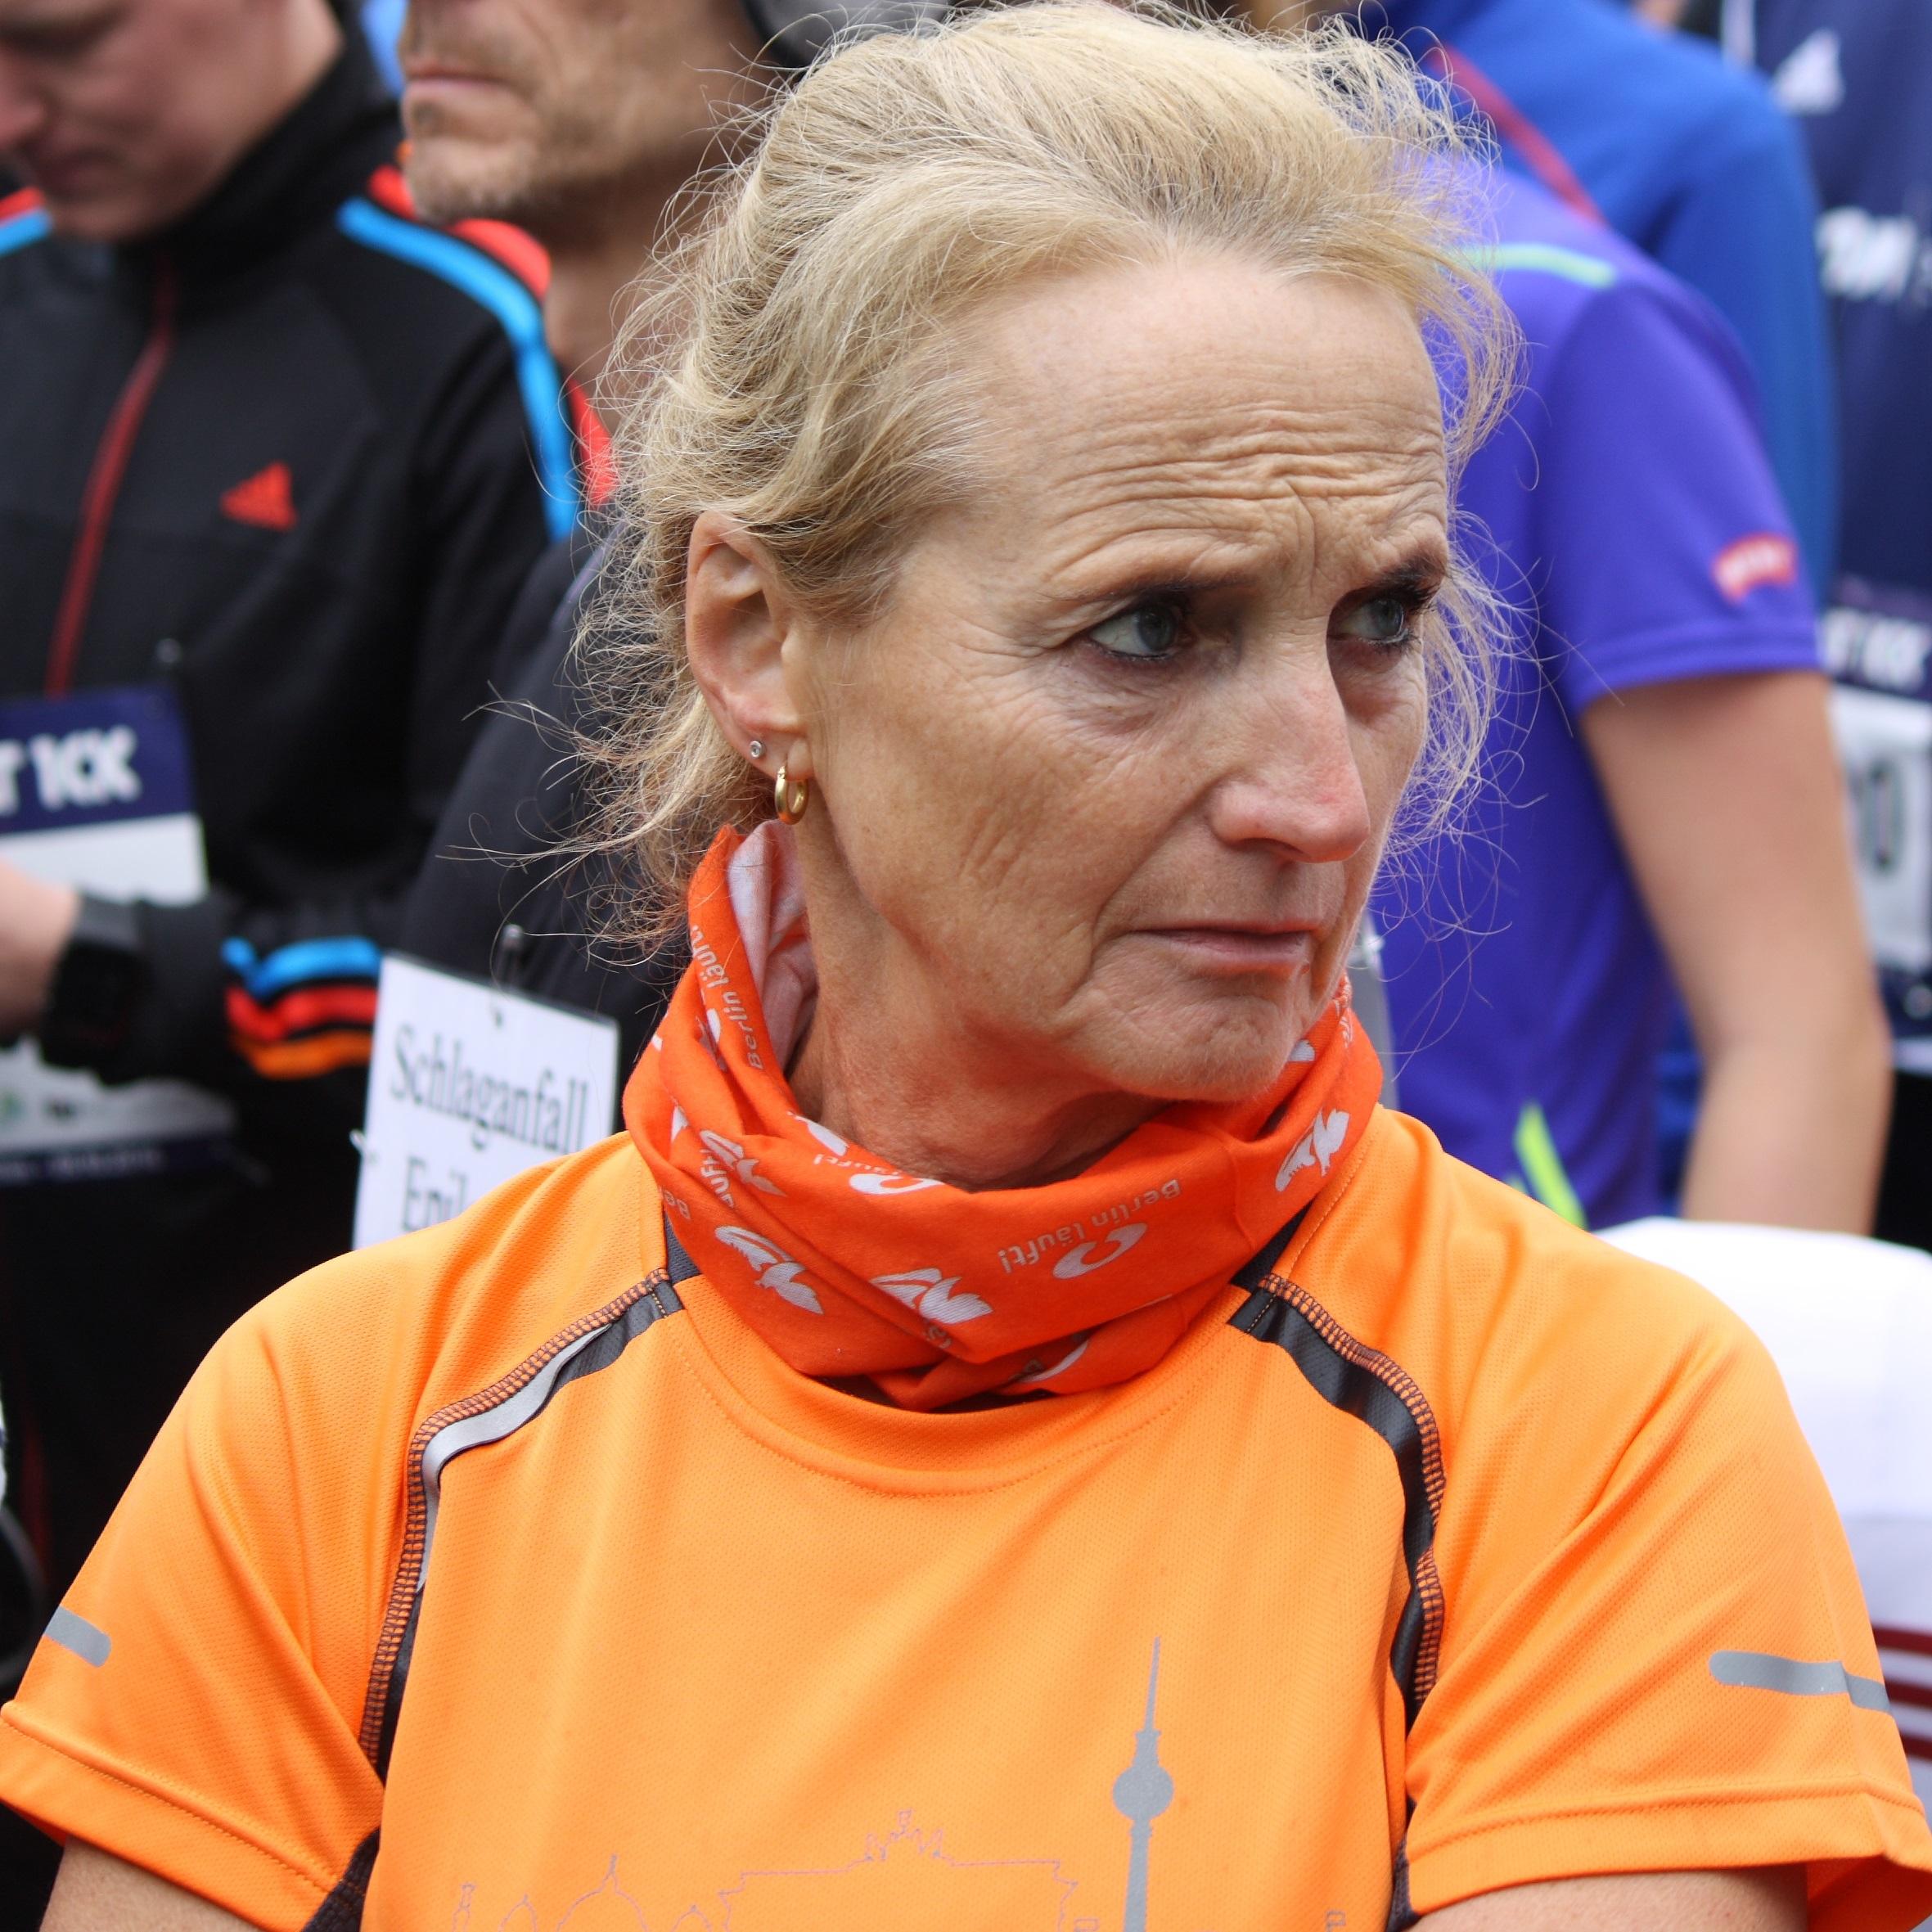 Sabine Lochner Berlin Sightrunning